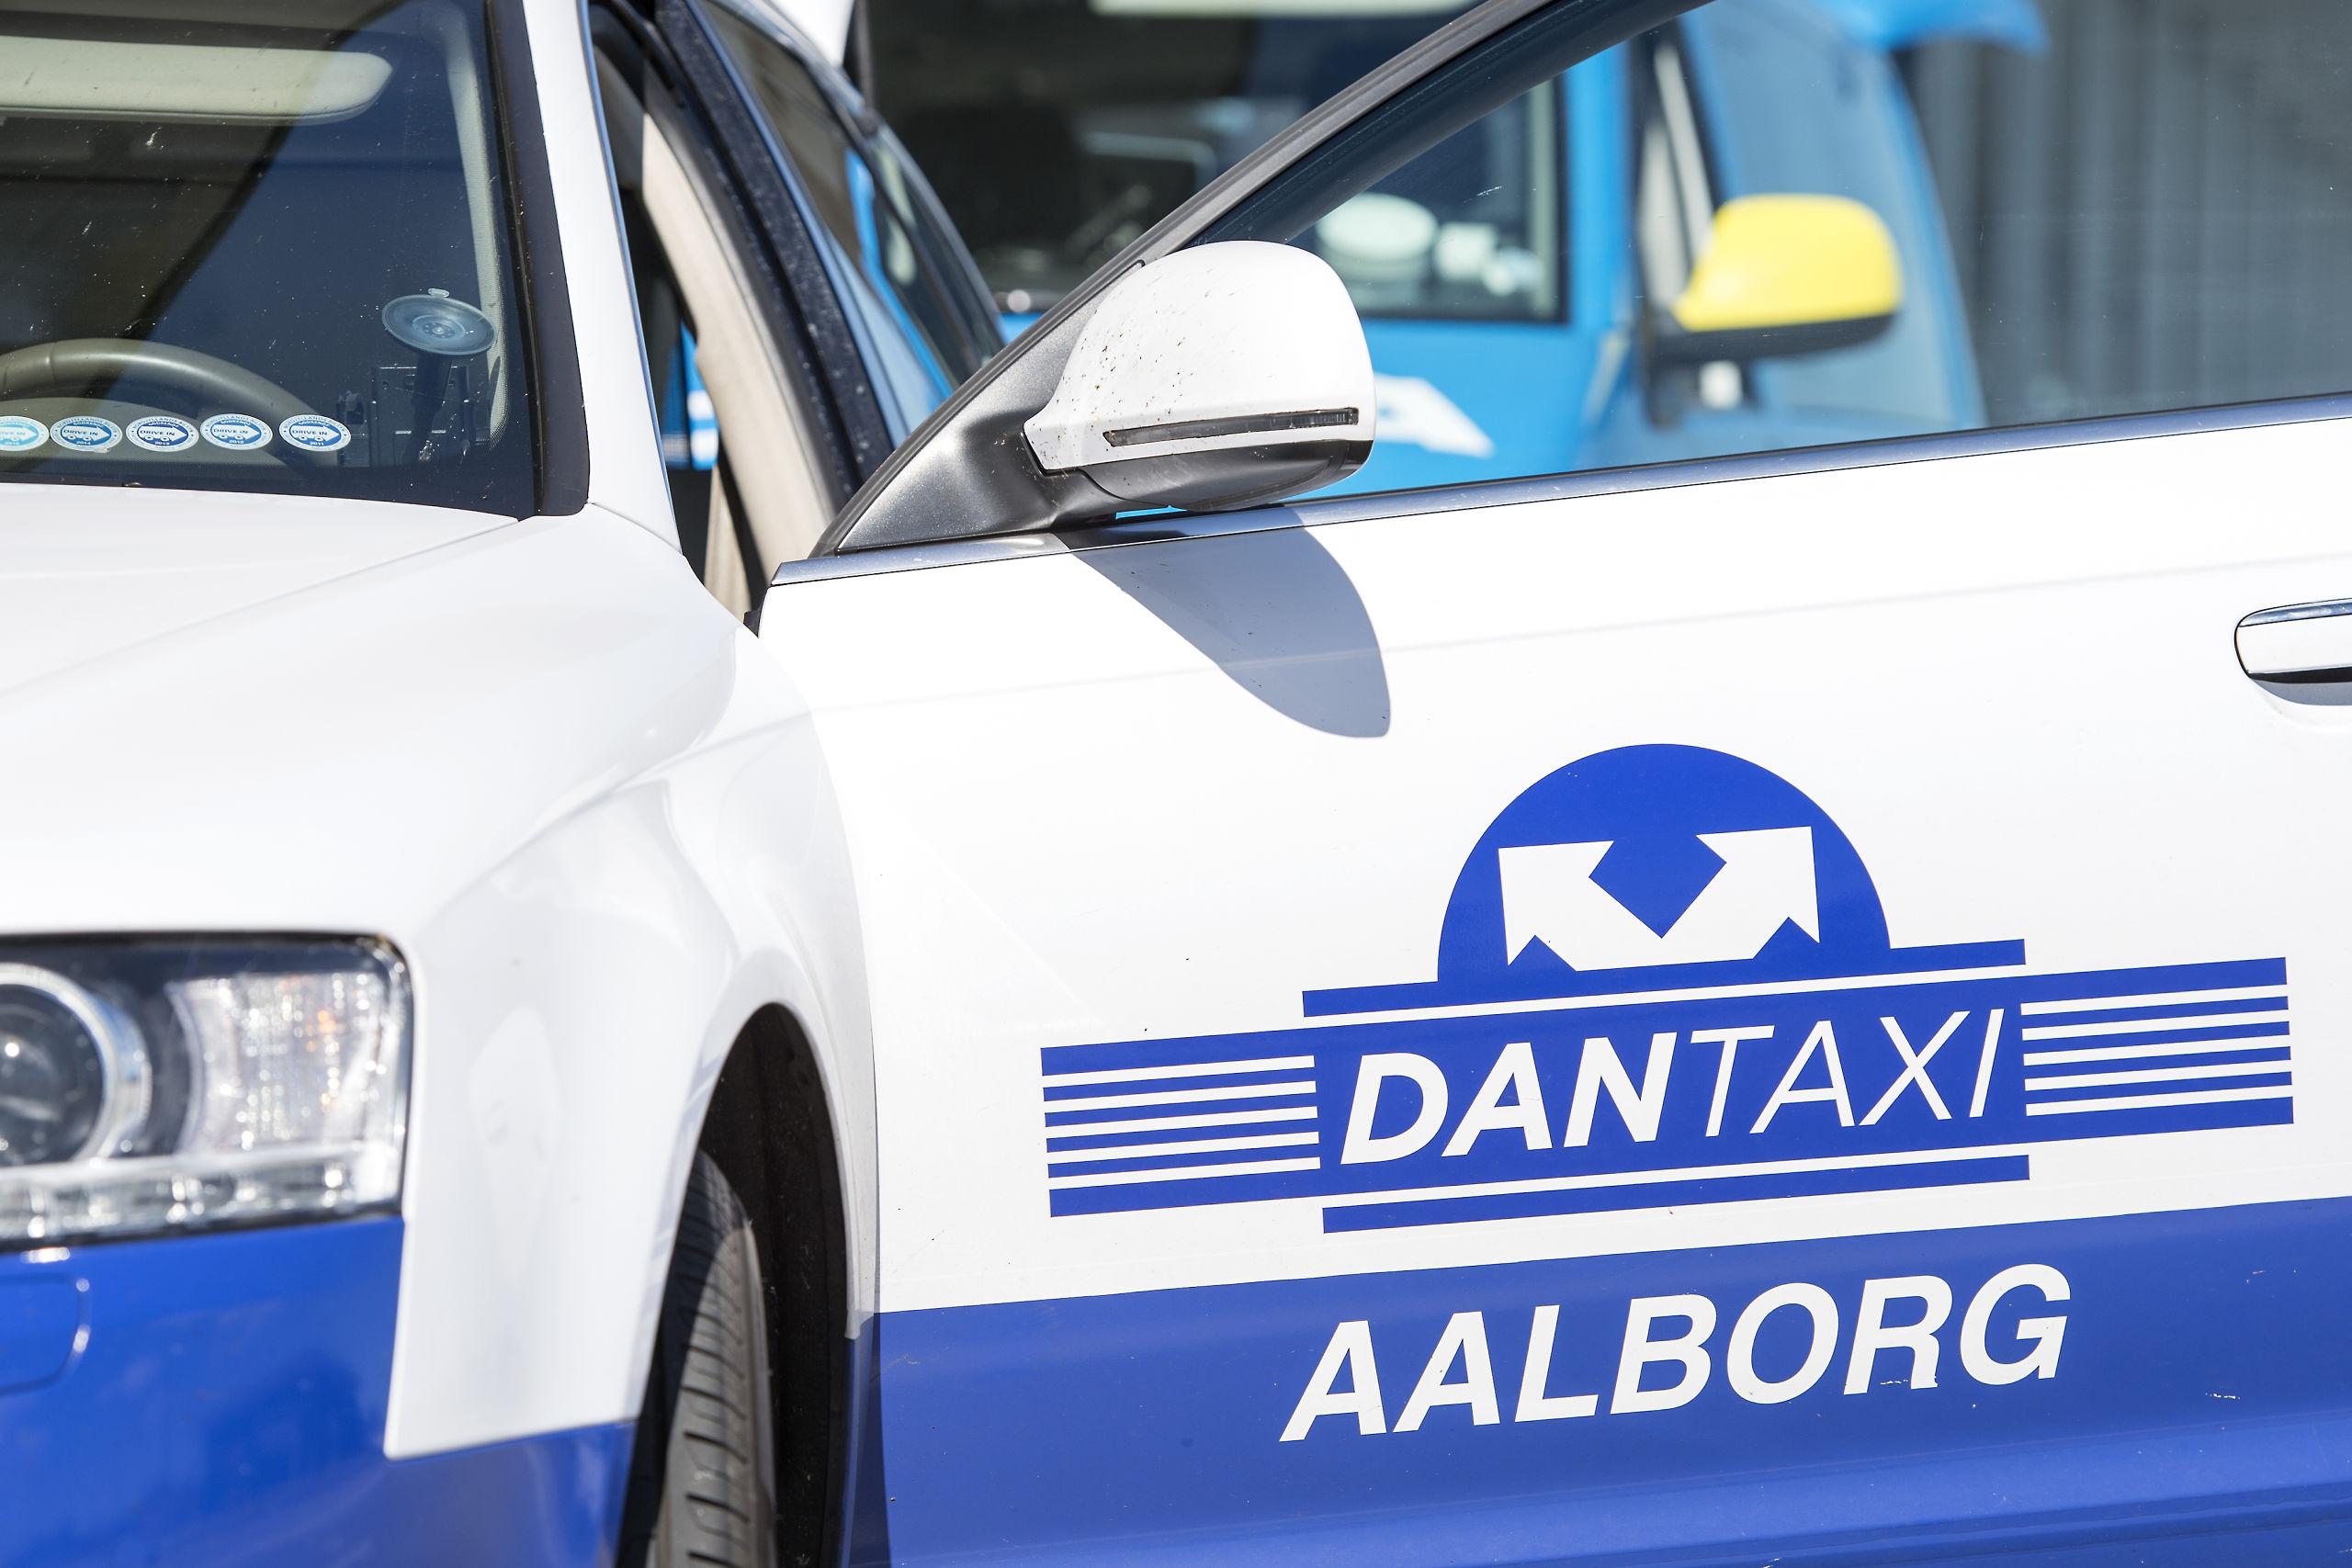 Taxi-selskabet Dantaxi 4x48 gør kunderne opmærksomme på, at der i Aalborg er forskellig prispolitik på særlige dage og i udvalgte tidsrum. Arkivfoto: Andreas Falck